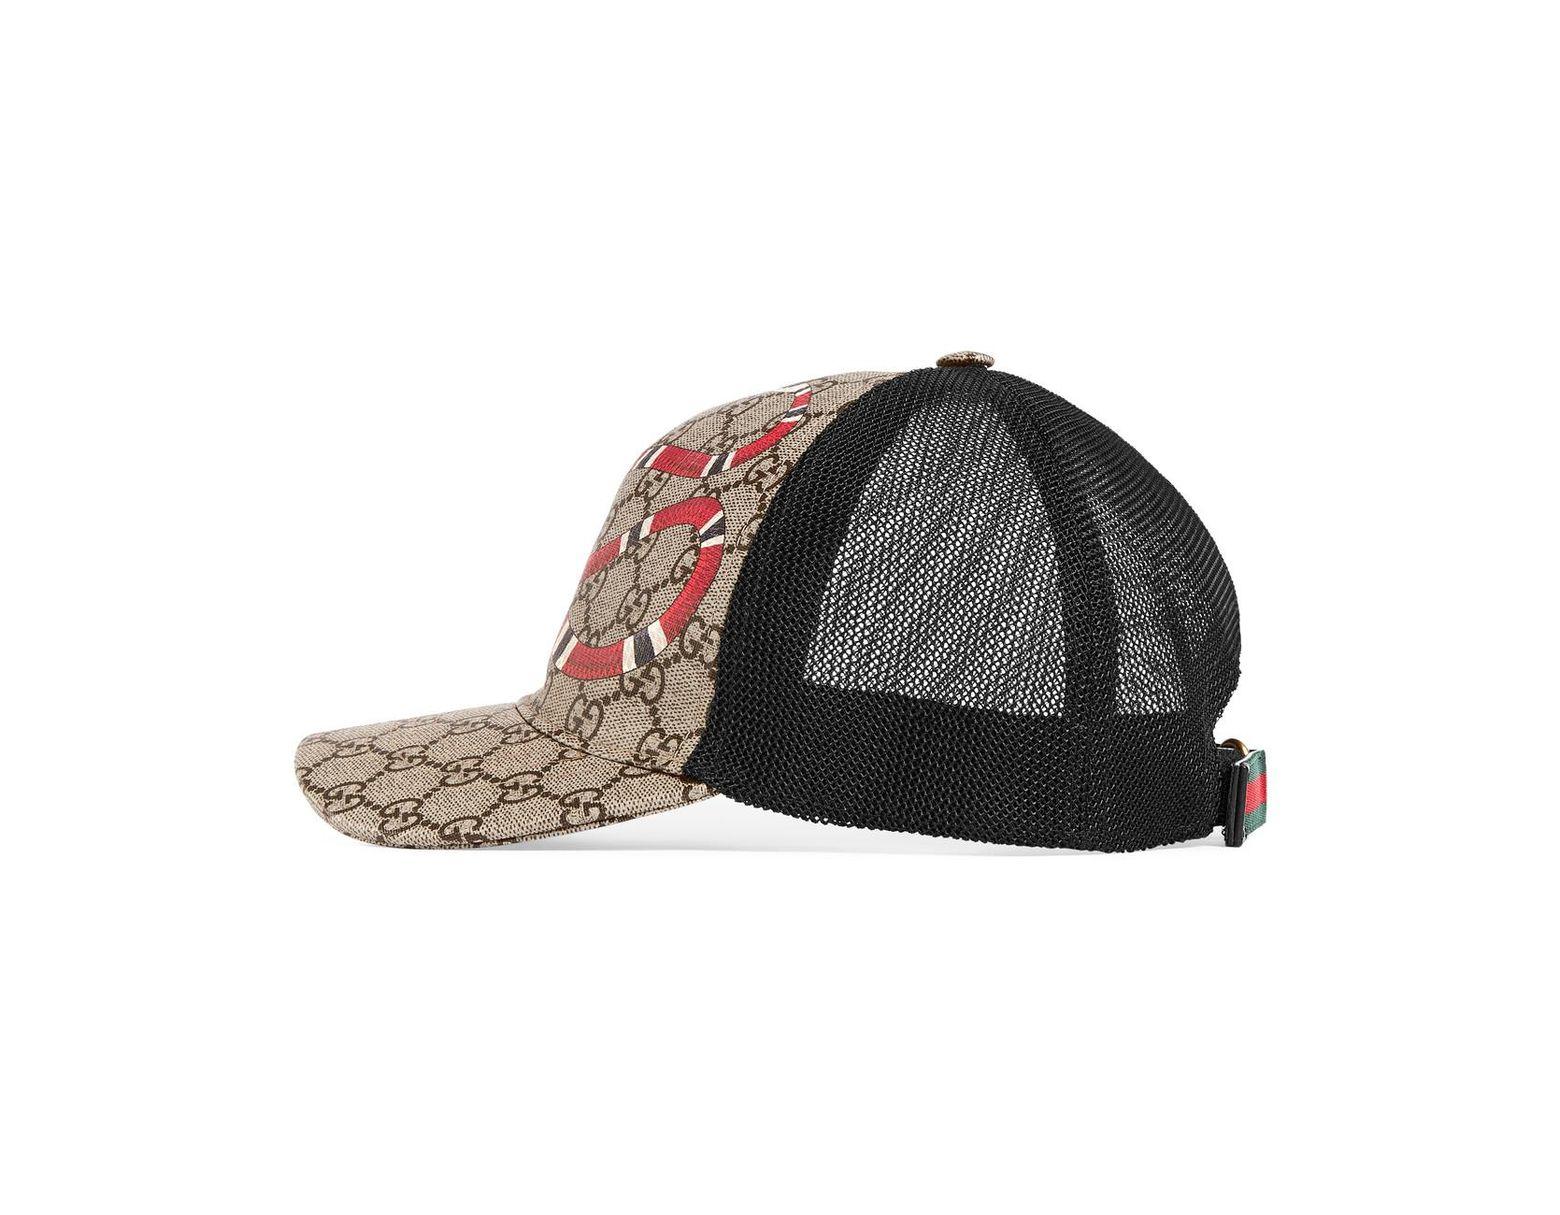 a72ba7b6c6da8 Gucci Snake Print Gg Supreme Baseball Hat for Men - Save 40% - Lyst